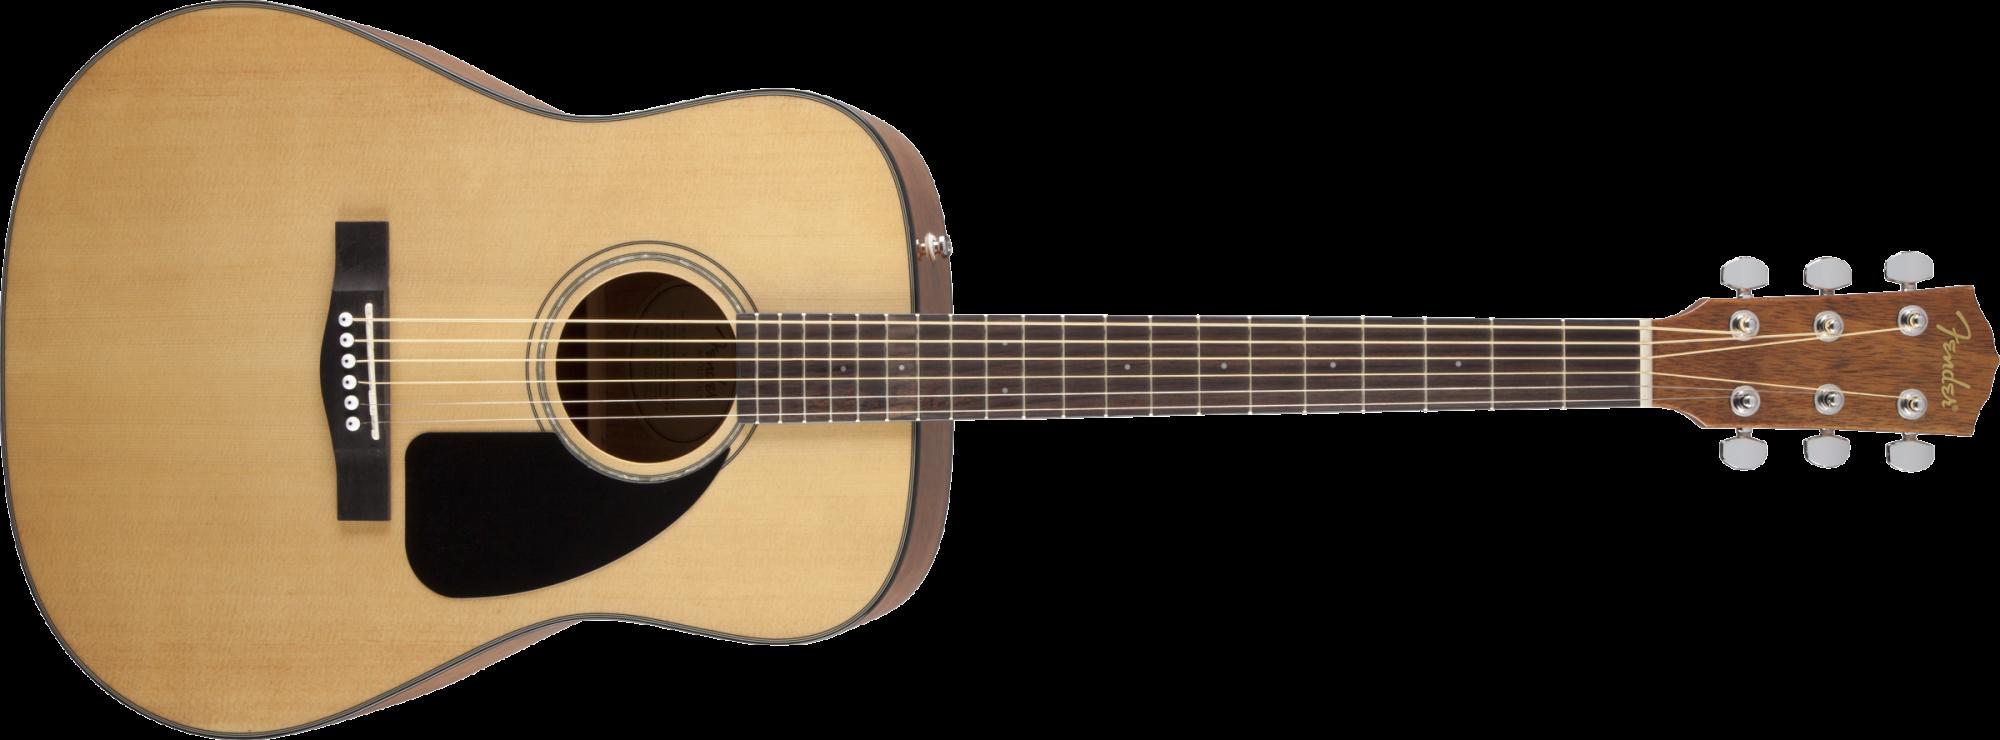 Fender CD-60 Dreadnaught V3 Acoustic Guitar with Hardshell Case